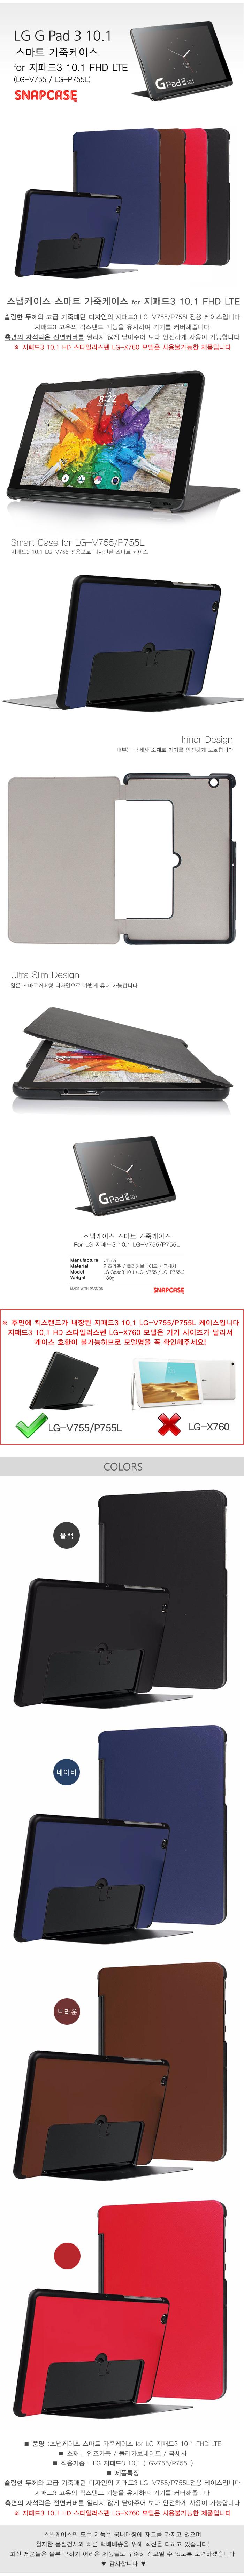 G패드3 지패드3 10.1 스마트가죽케이스 LGV755 - 스냅케이스, 13,900원, 케이스, 기타 옵티머스 제품